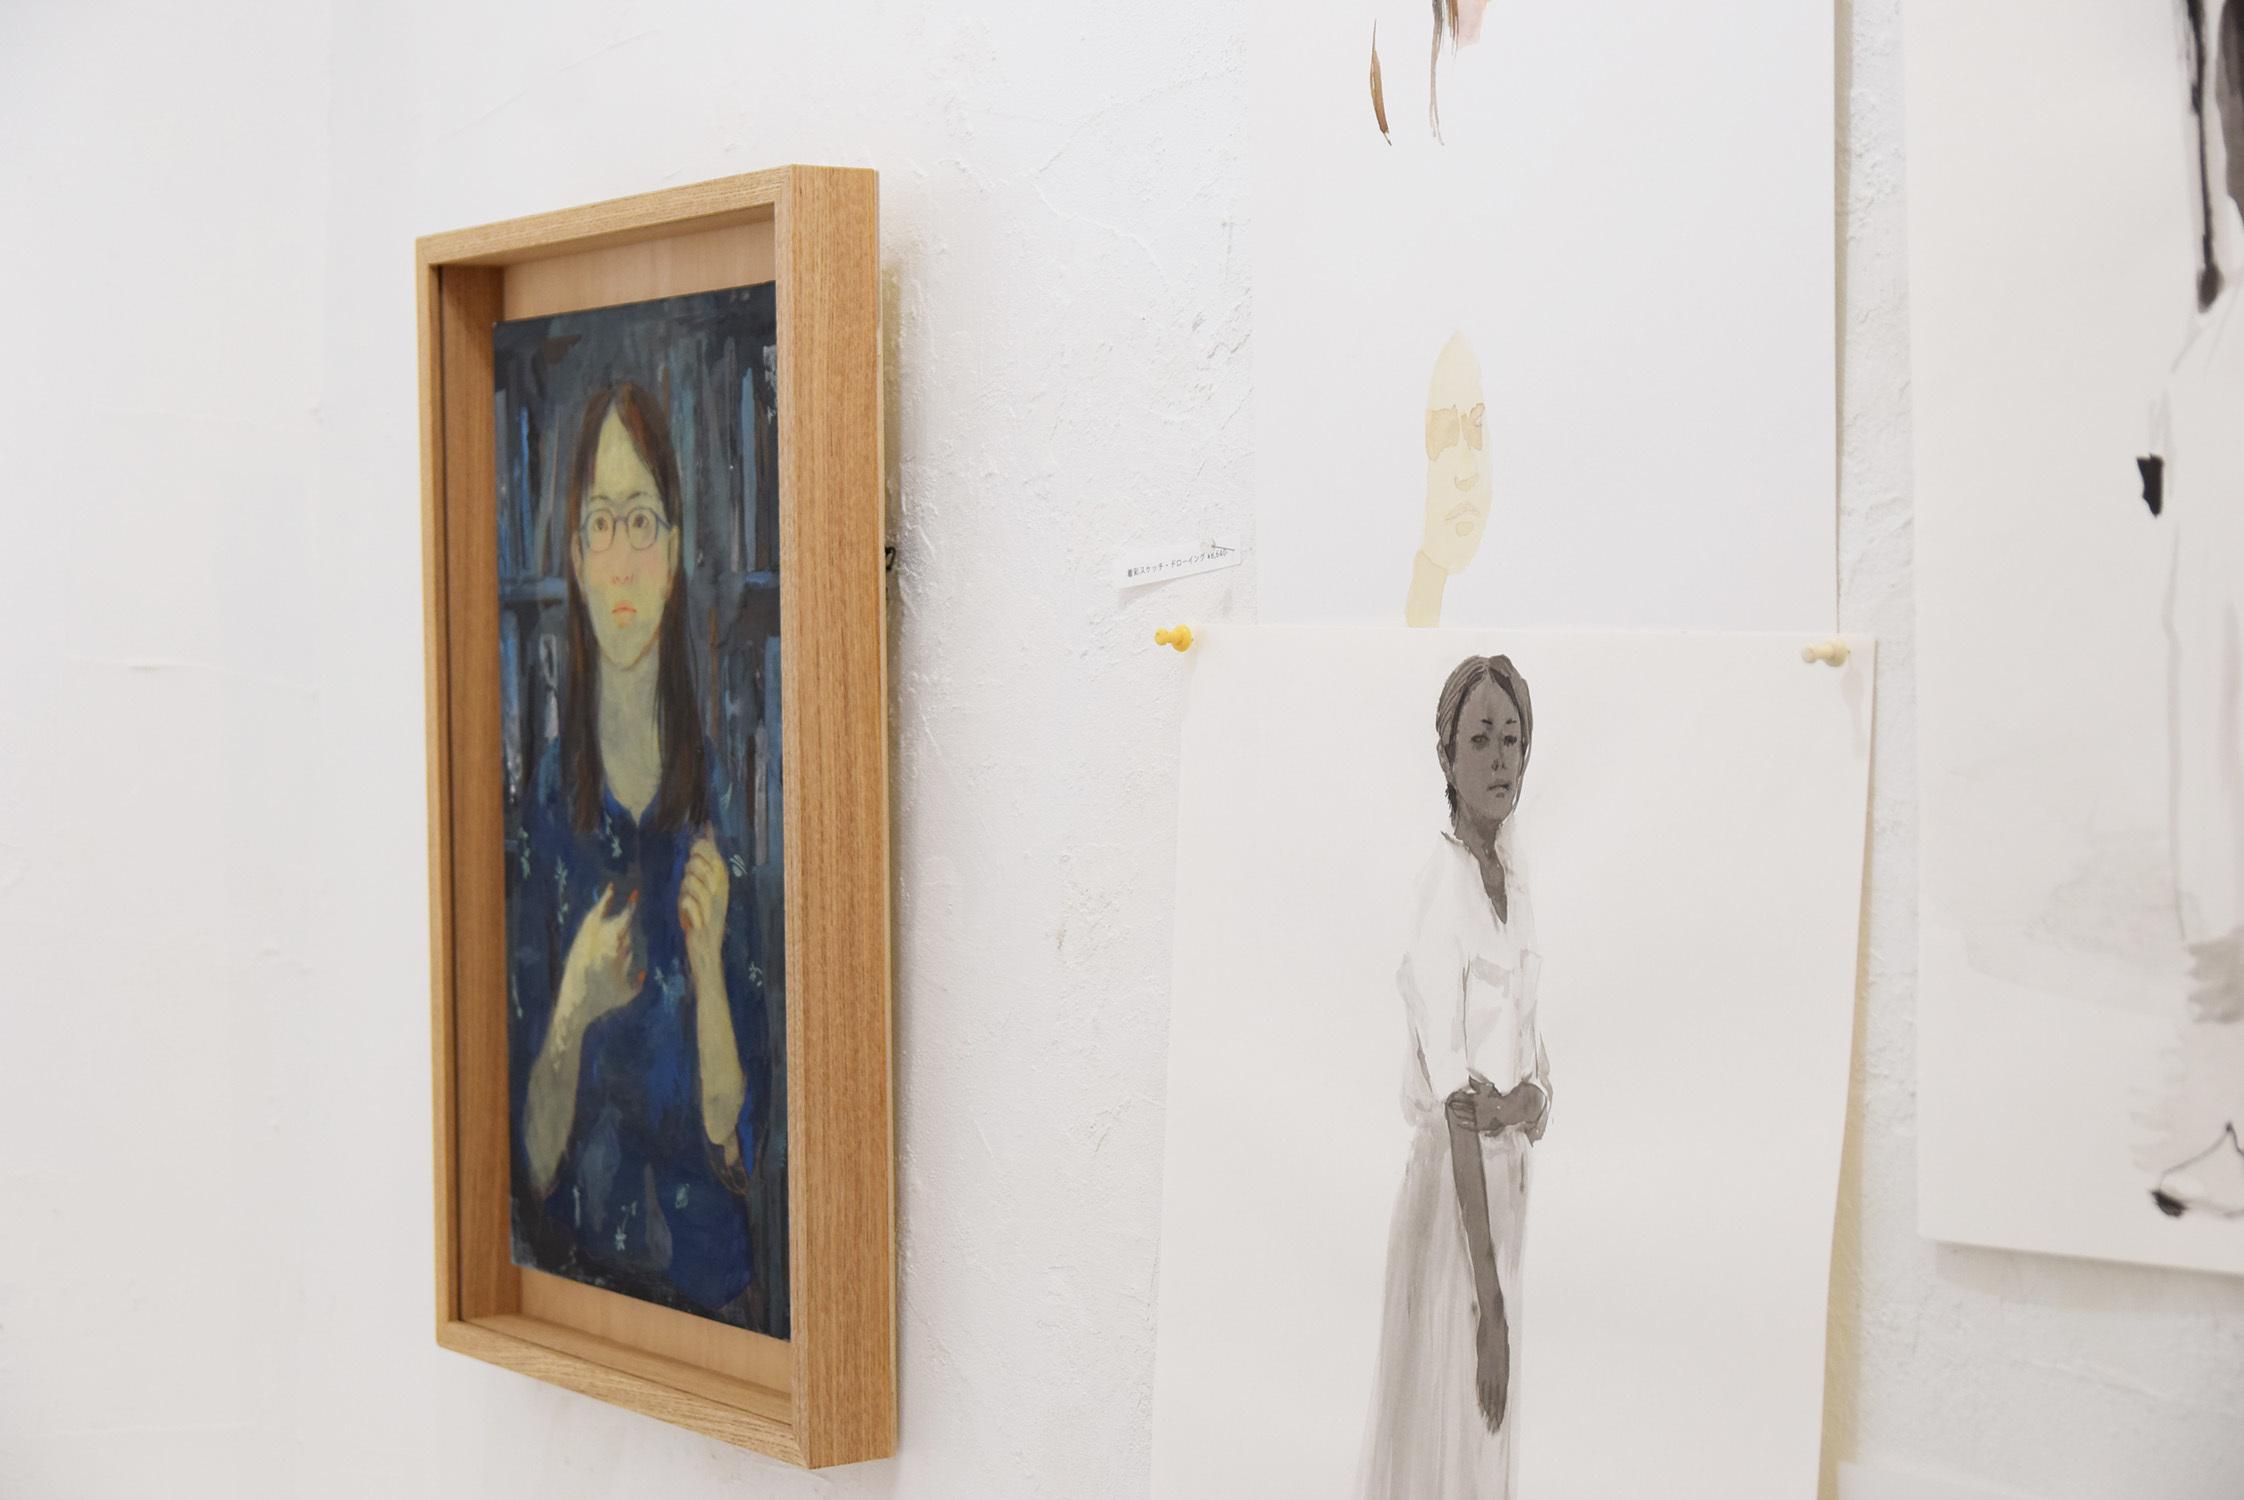 いつかの庭-真鍋修日本画展 @1日目_e0272050_17014938.jpg